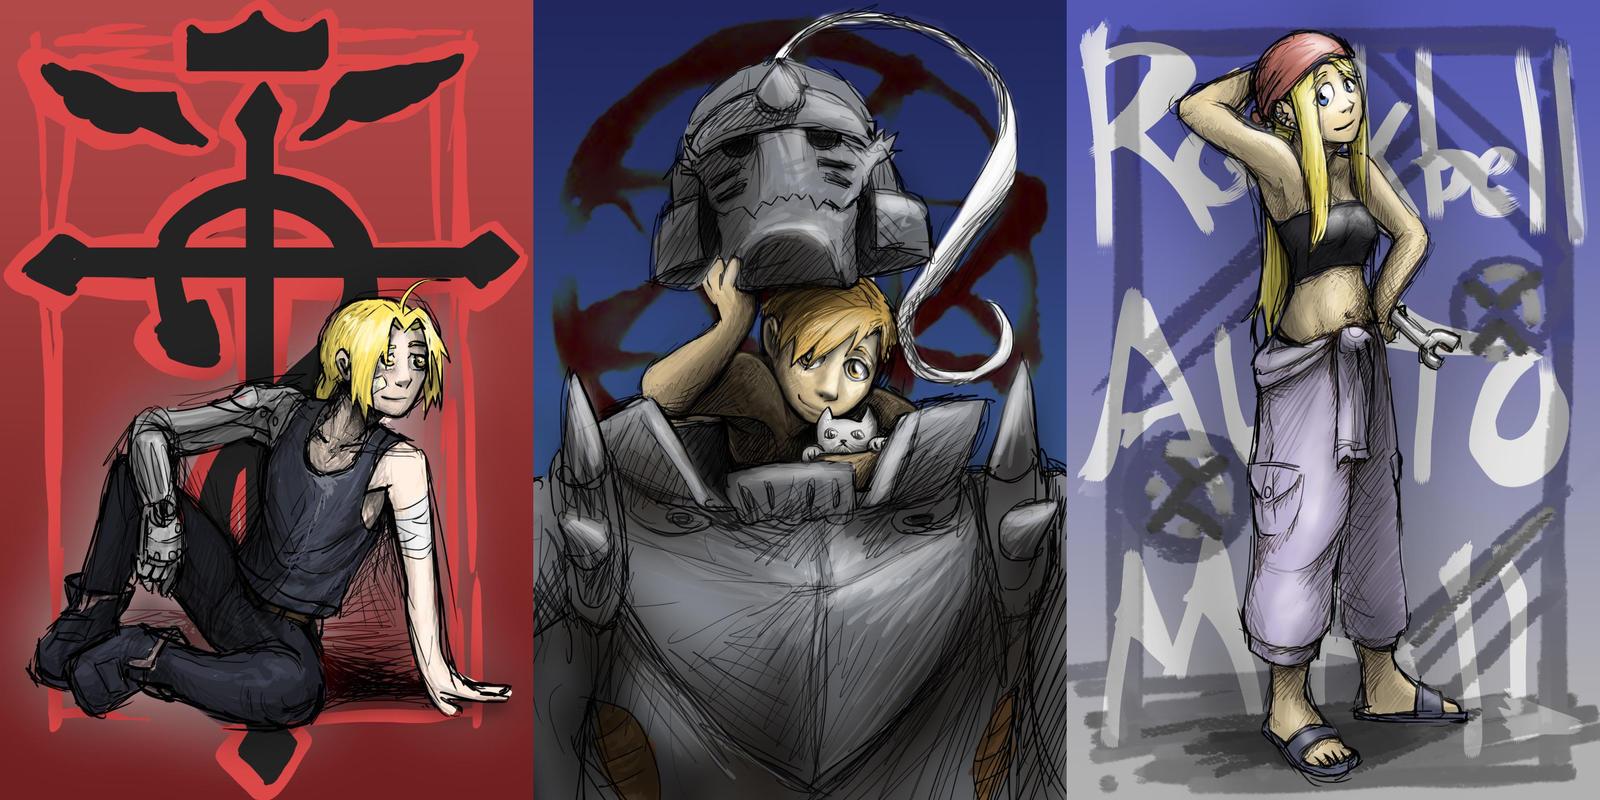 Fullmetal Alchemist Characters by NireLeetsac on DeviantArt